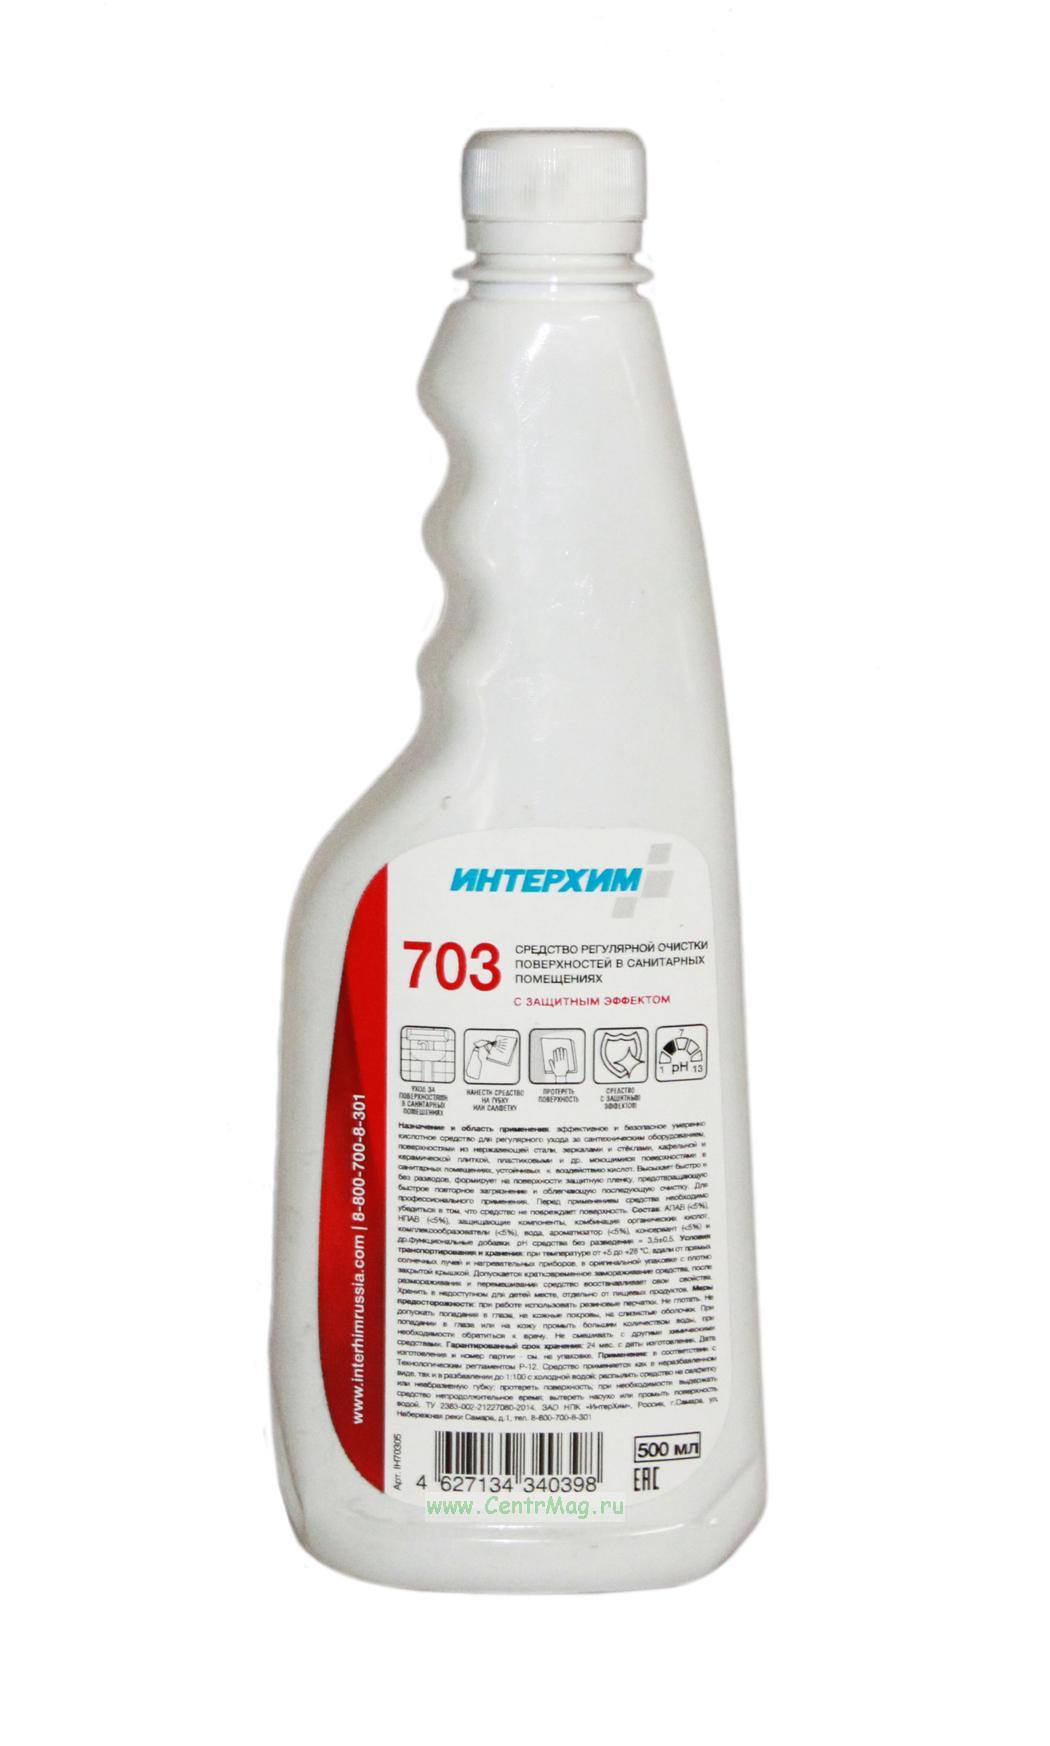 Интерхим 703. Средство регулярной очистки поверхностей в санитарных помещениях